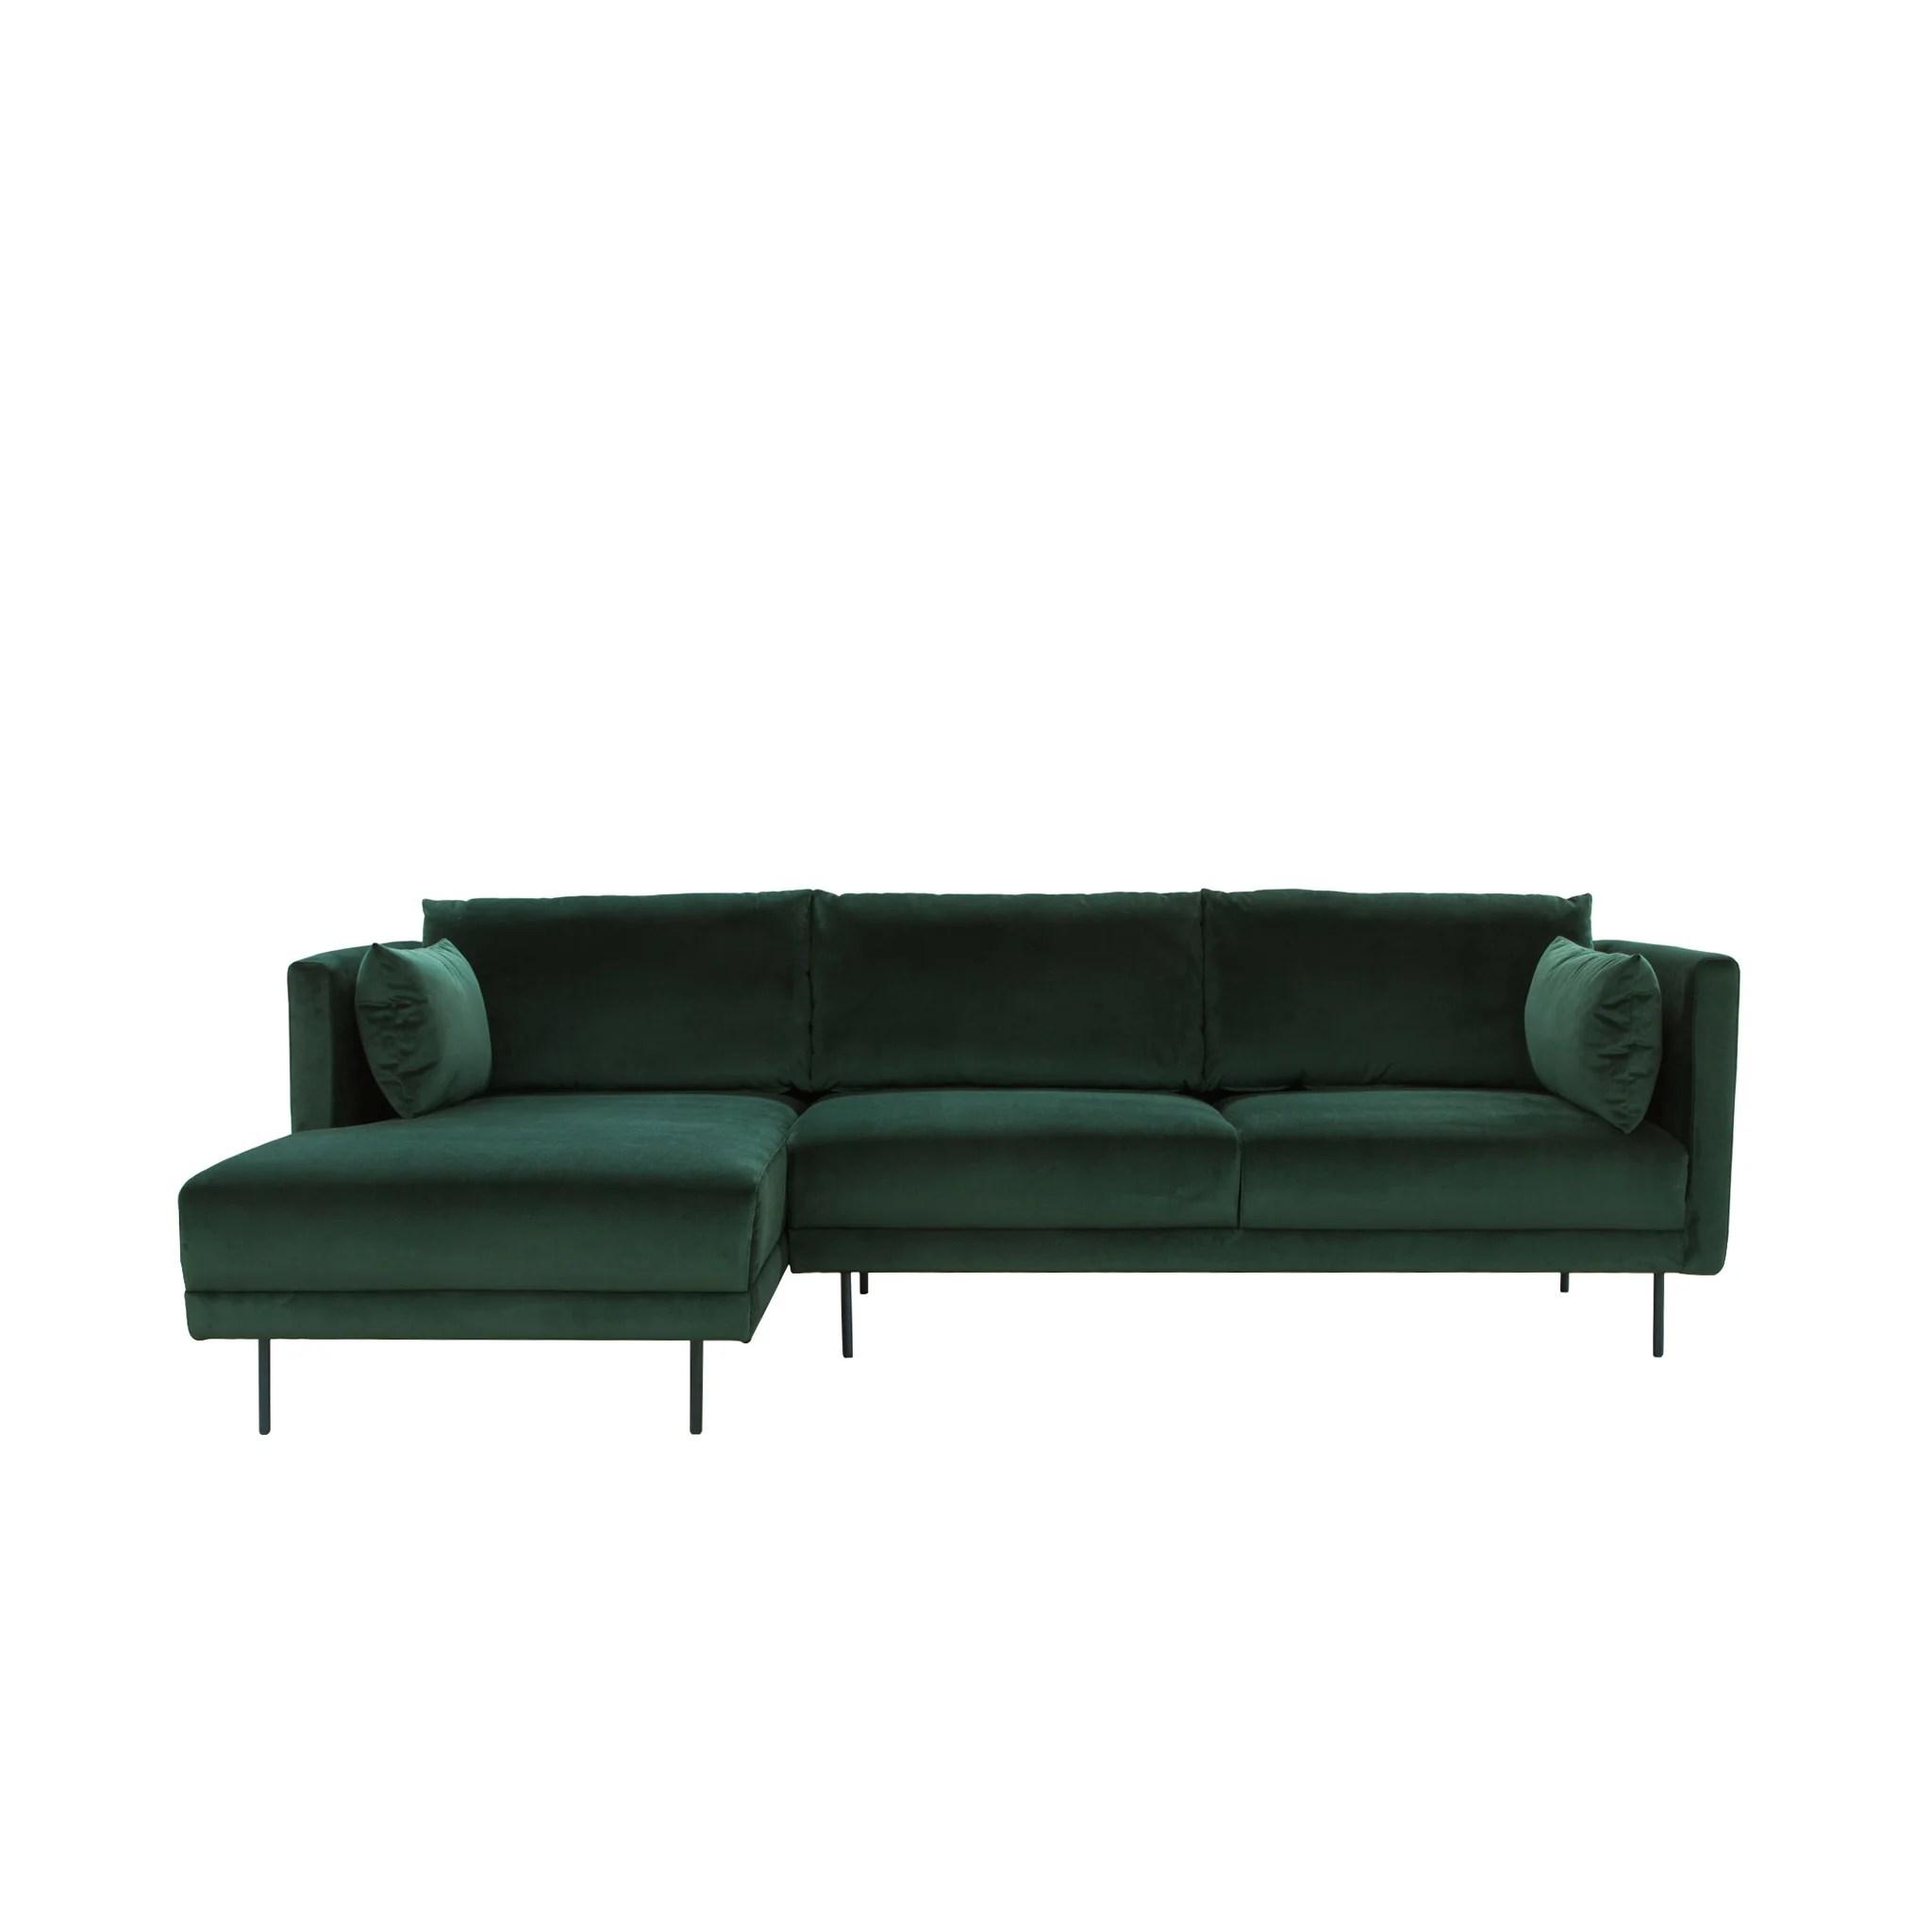 glasgow 3 seater chaise lounge left velvet green